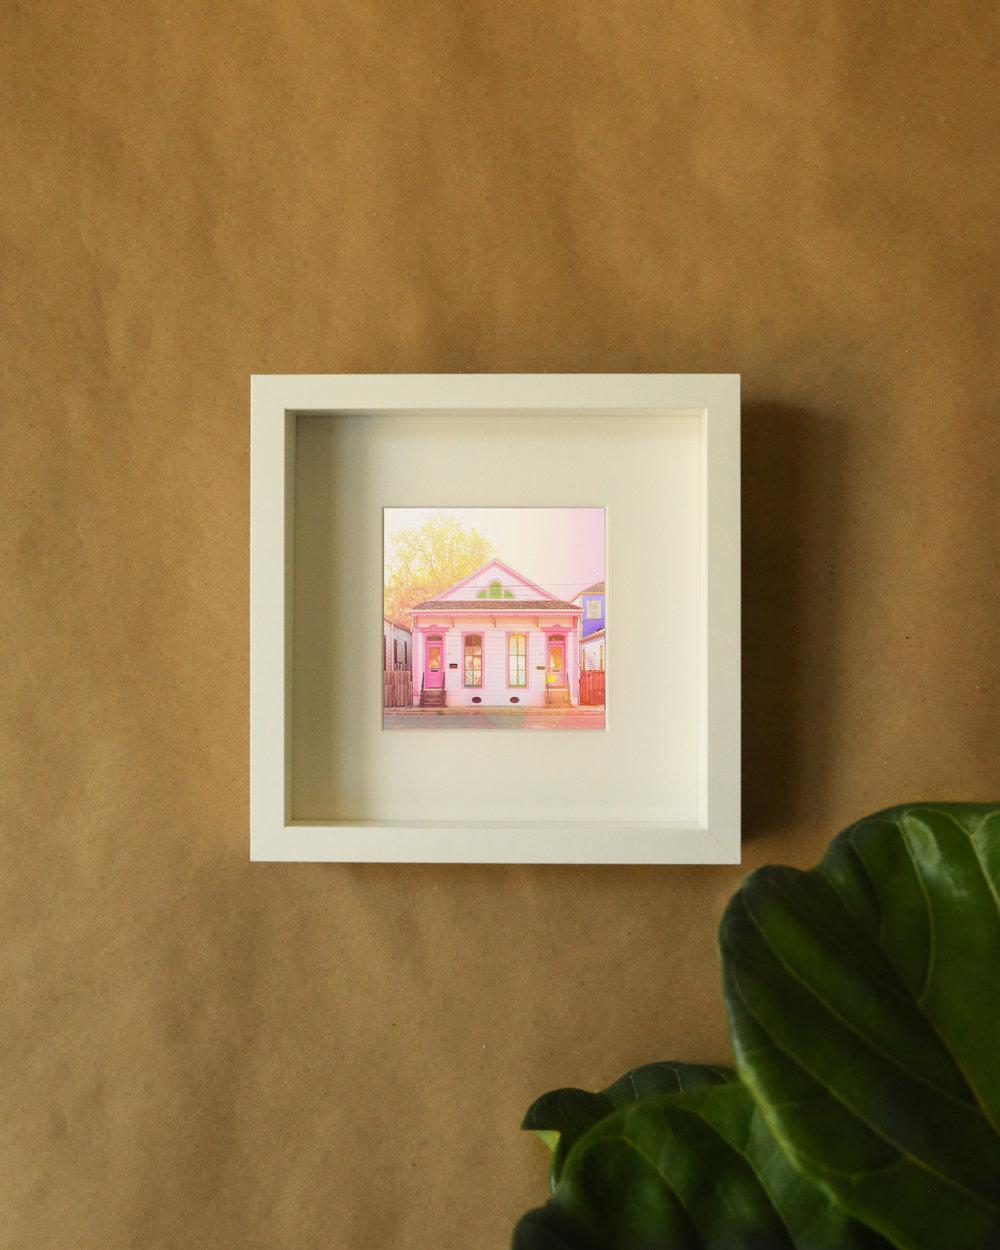 pink shotgun home, framed print